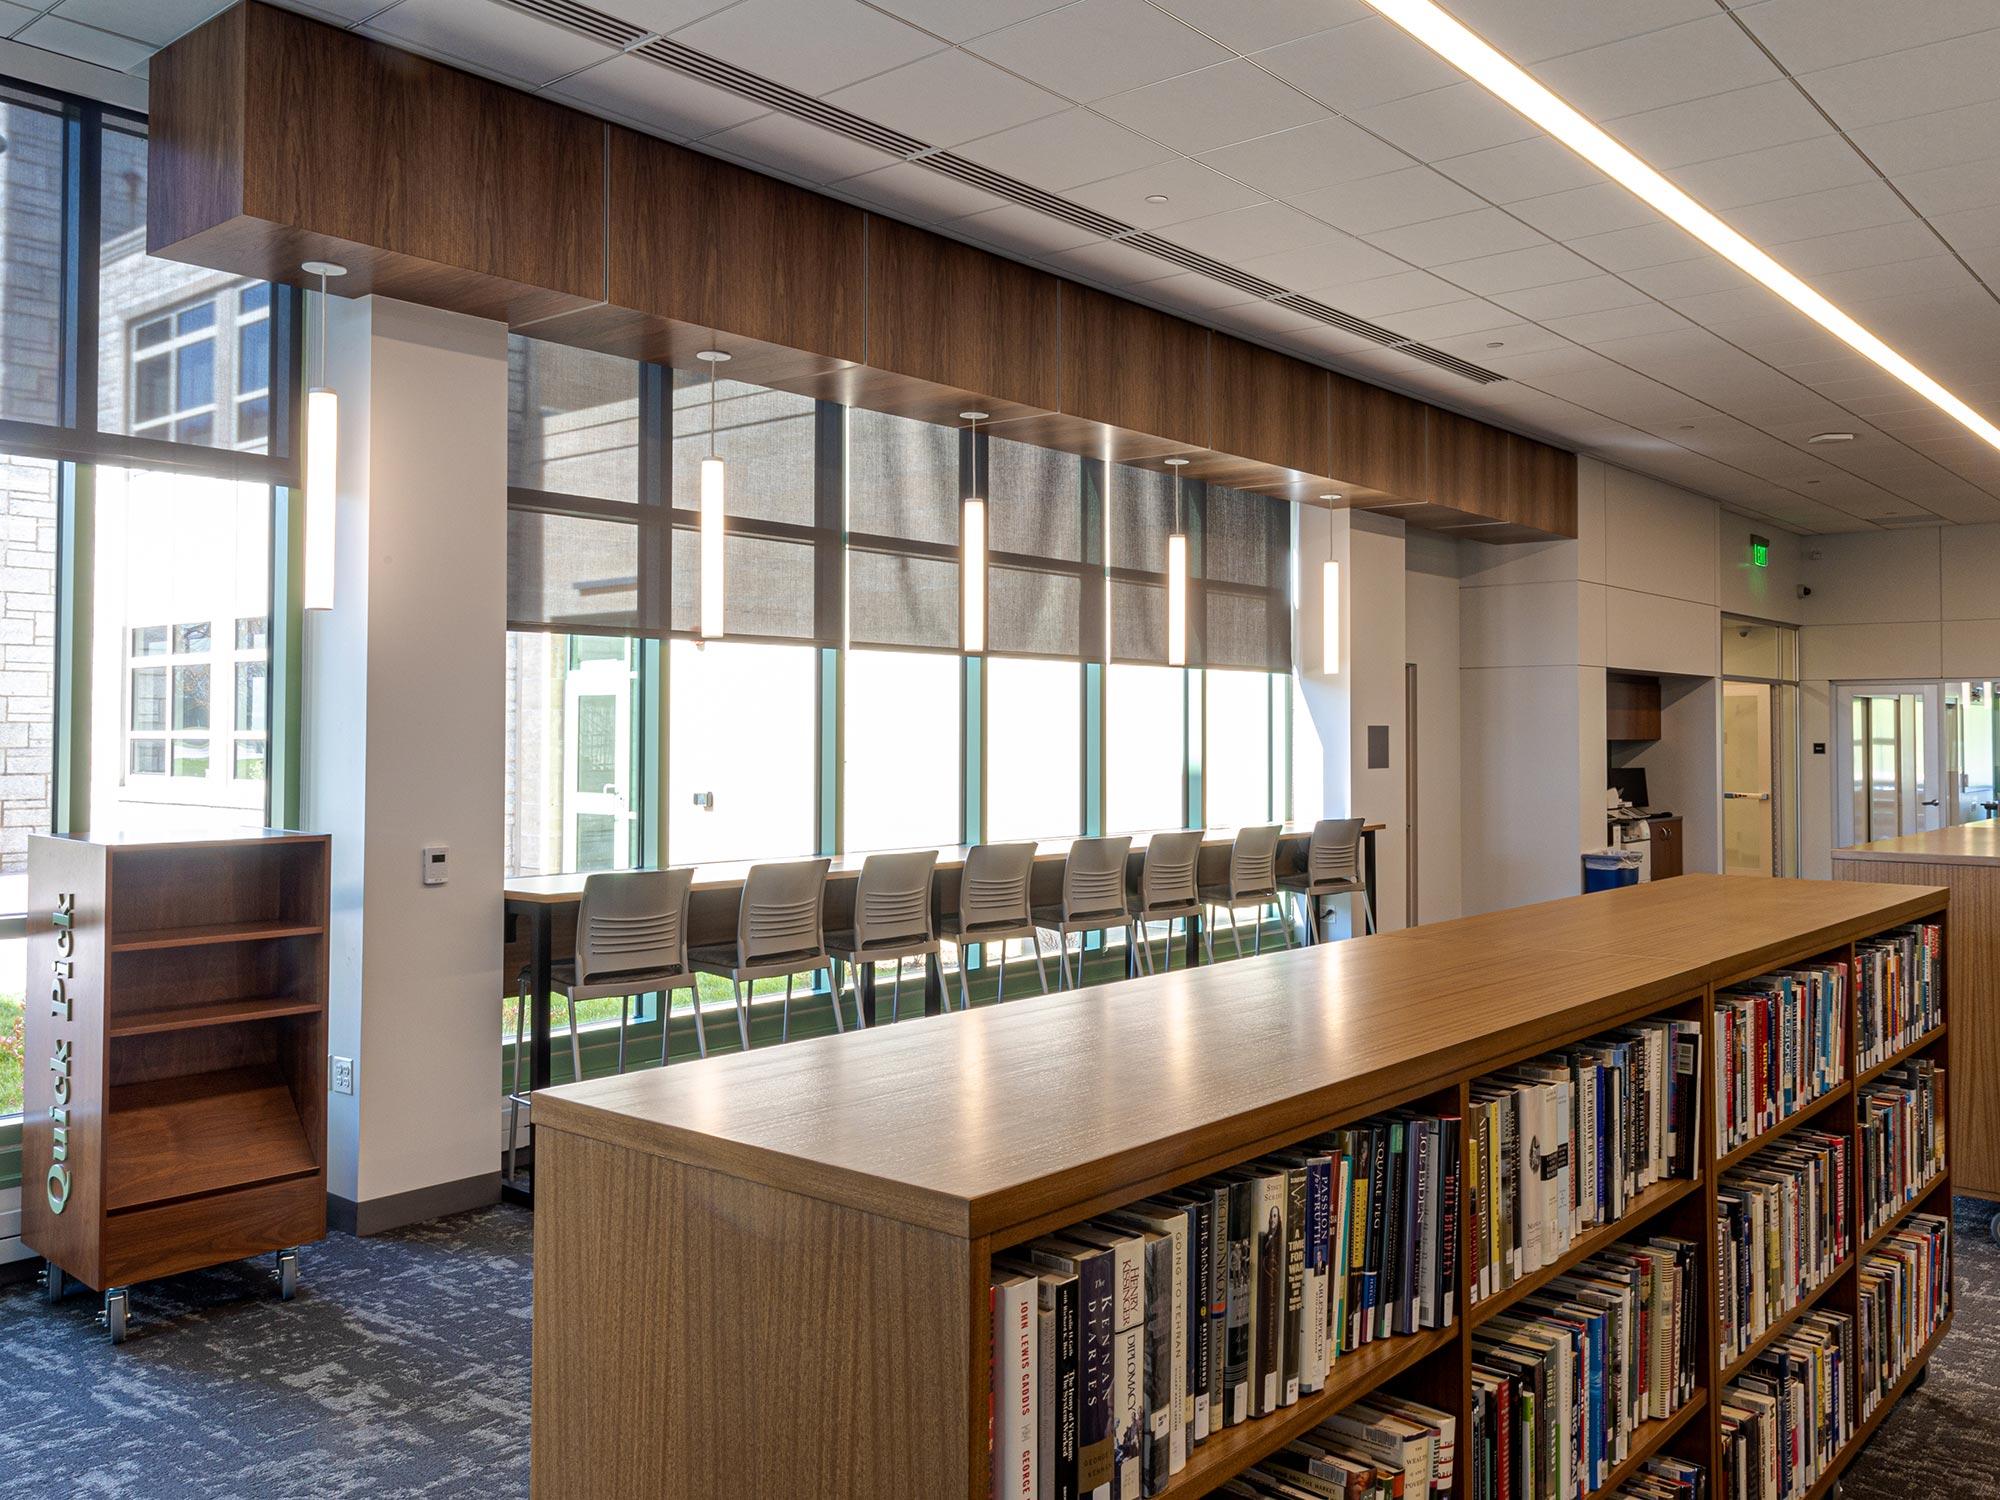 Delbarton School Library Shelves